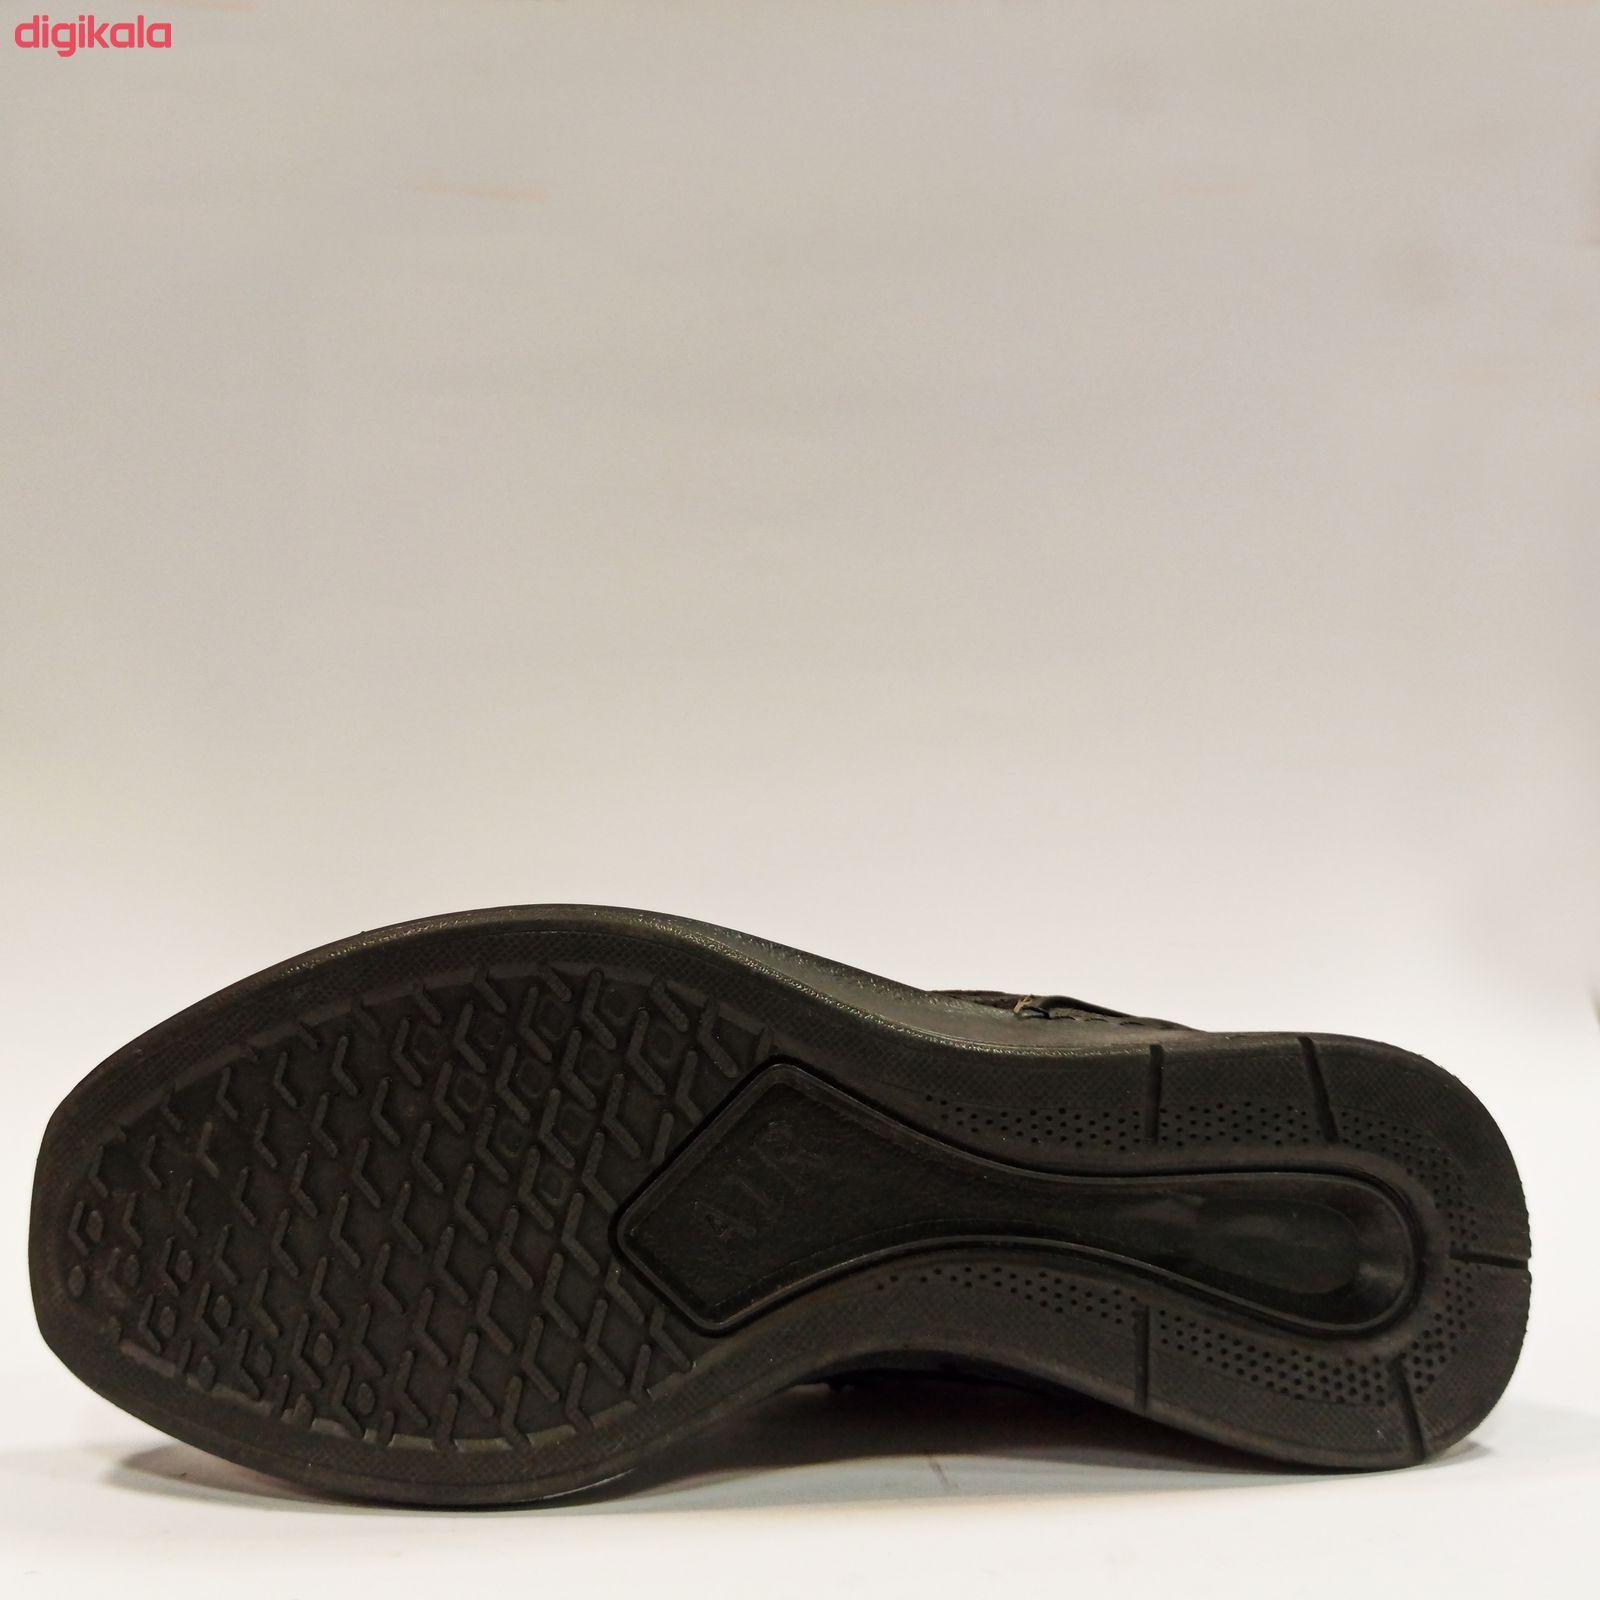 کفش پیاده روی مردانه مدل RC1 main 1 3